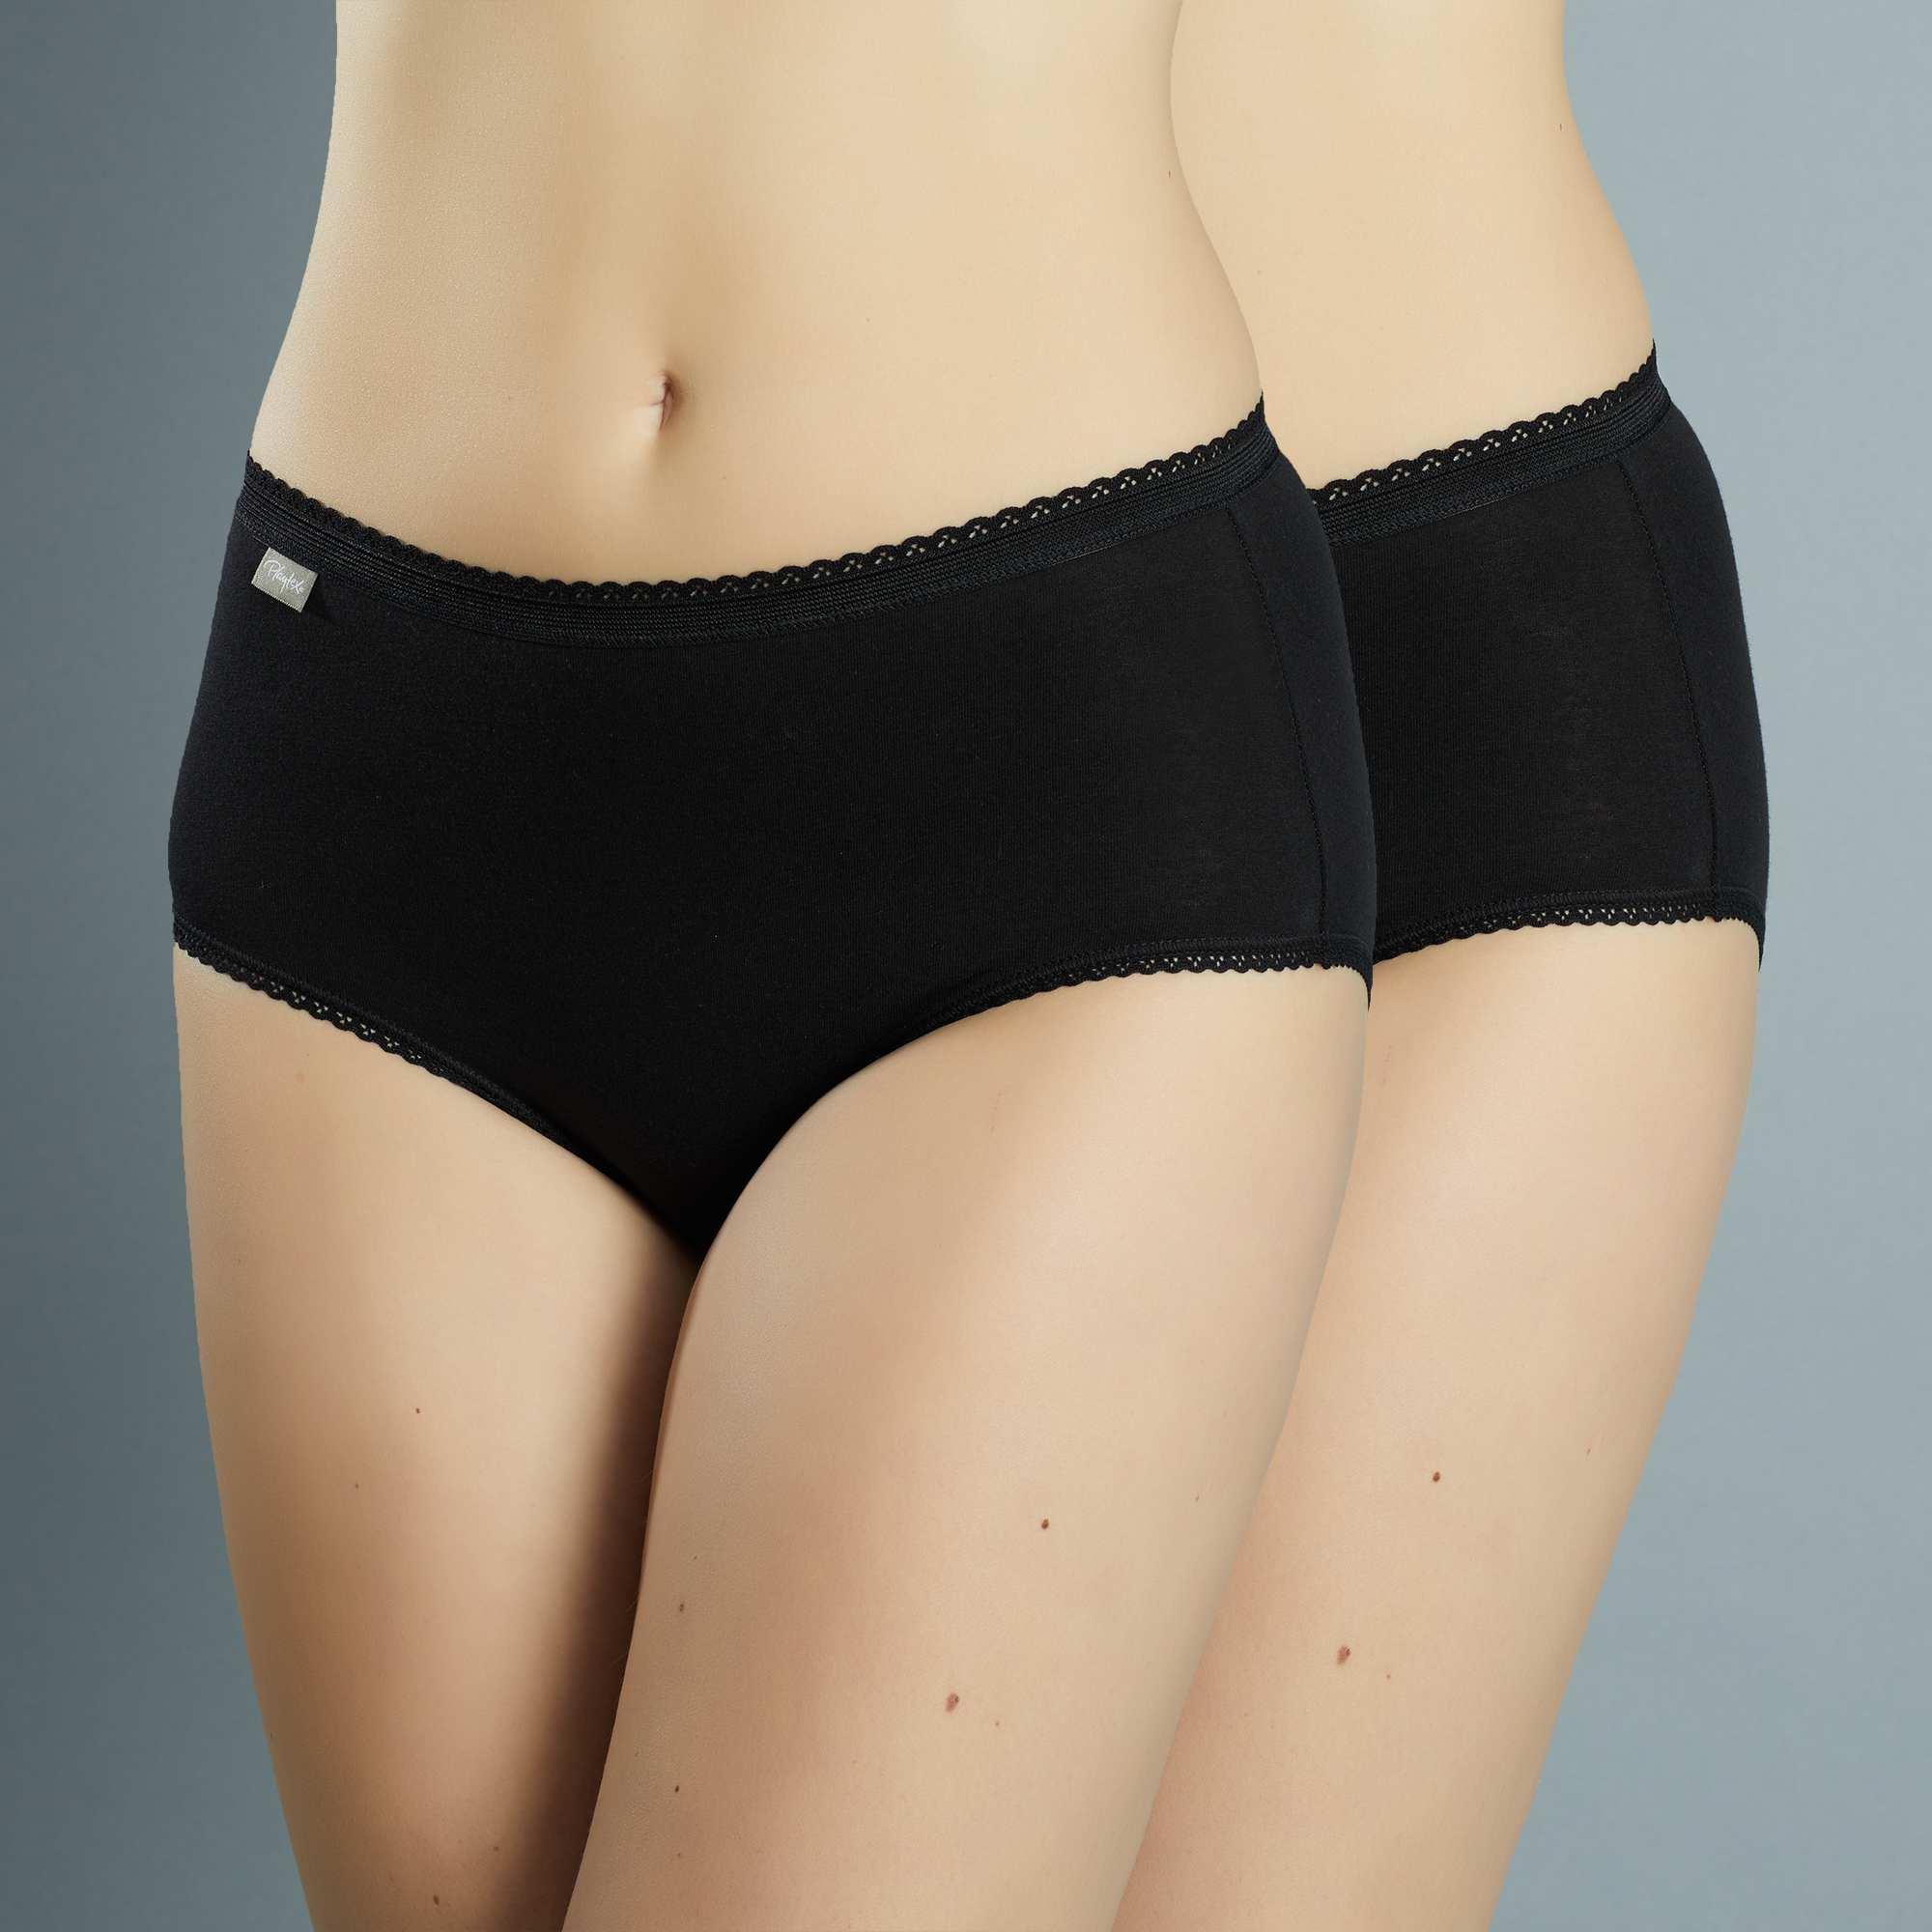 Couleur : blanc, noir, ,, - Taille : 54, 48, 50,46,42Une coupe parfaitement ajustée pour une ligne basique très féminine, à porter au